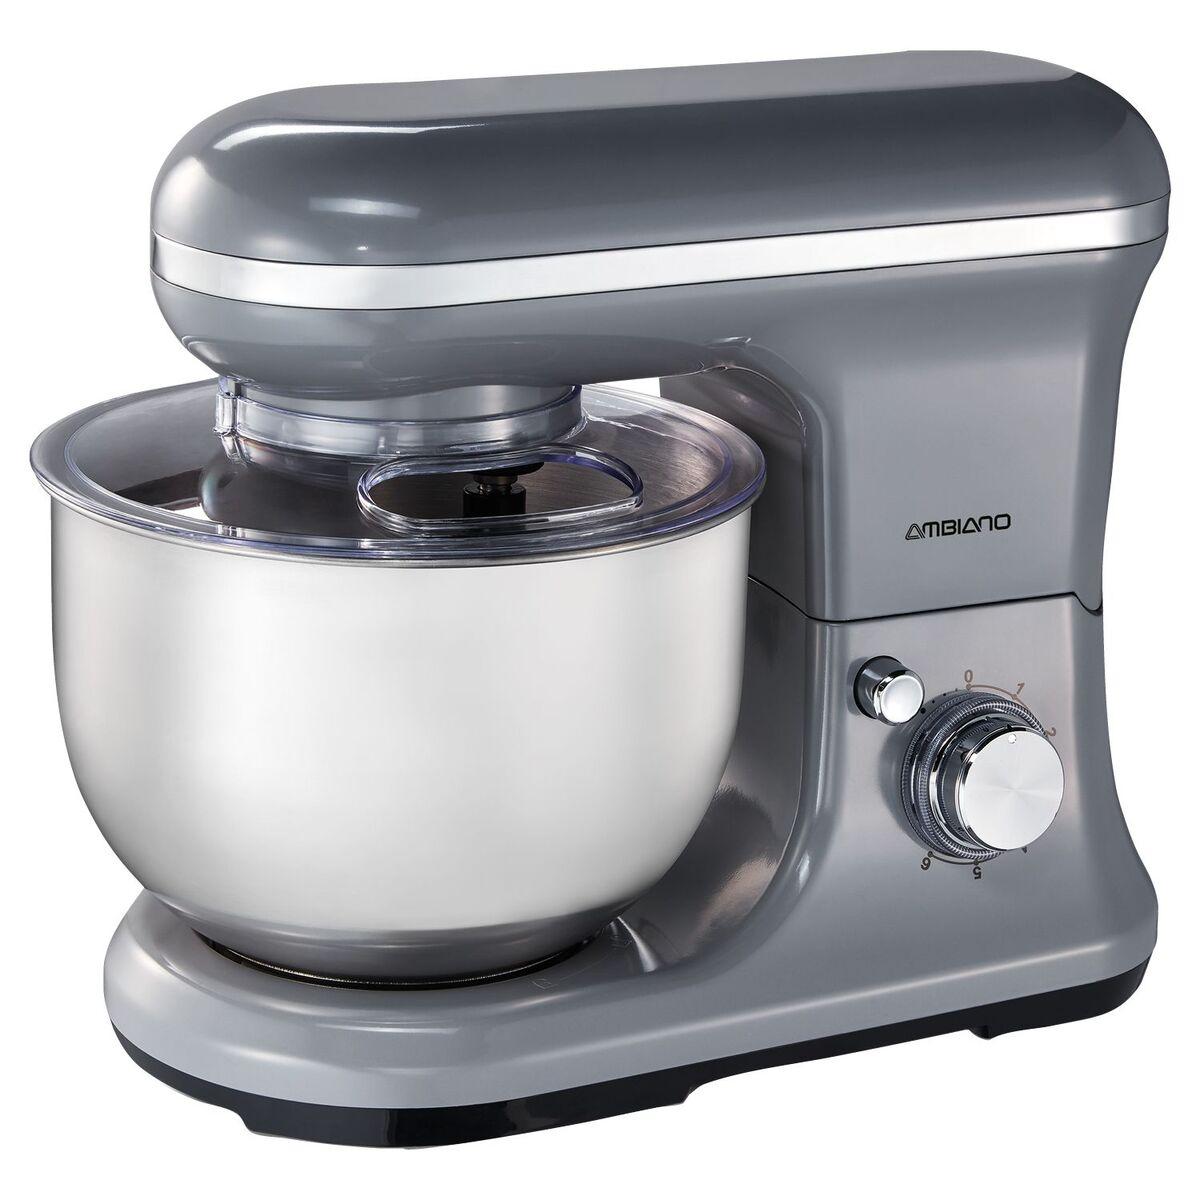 Bild 4 von AMBIANO®  Klassische Küchenmaschine